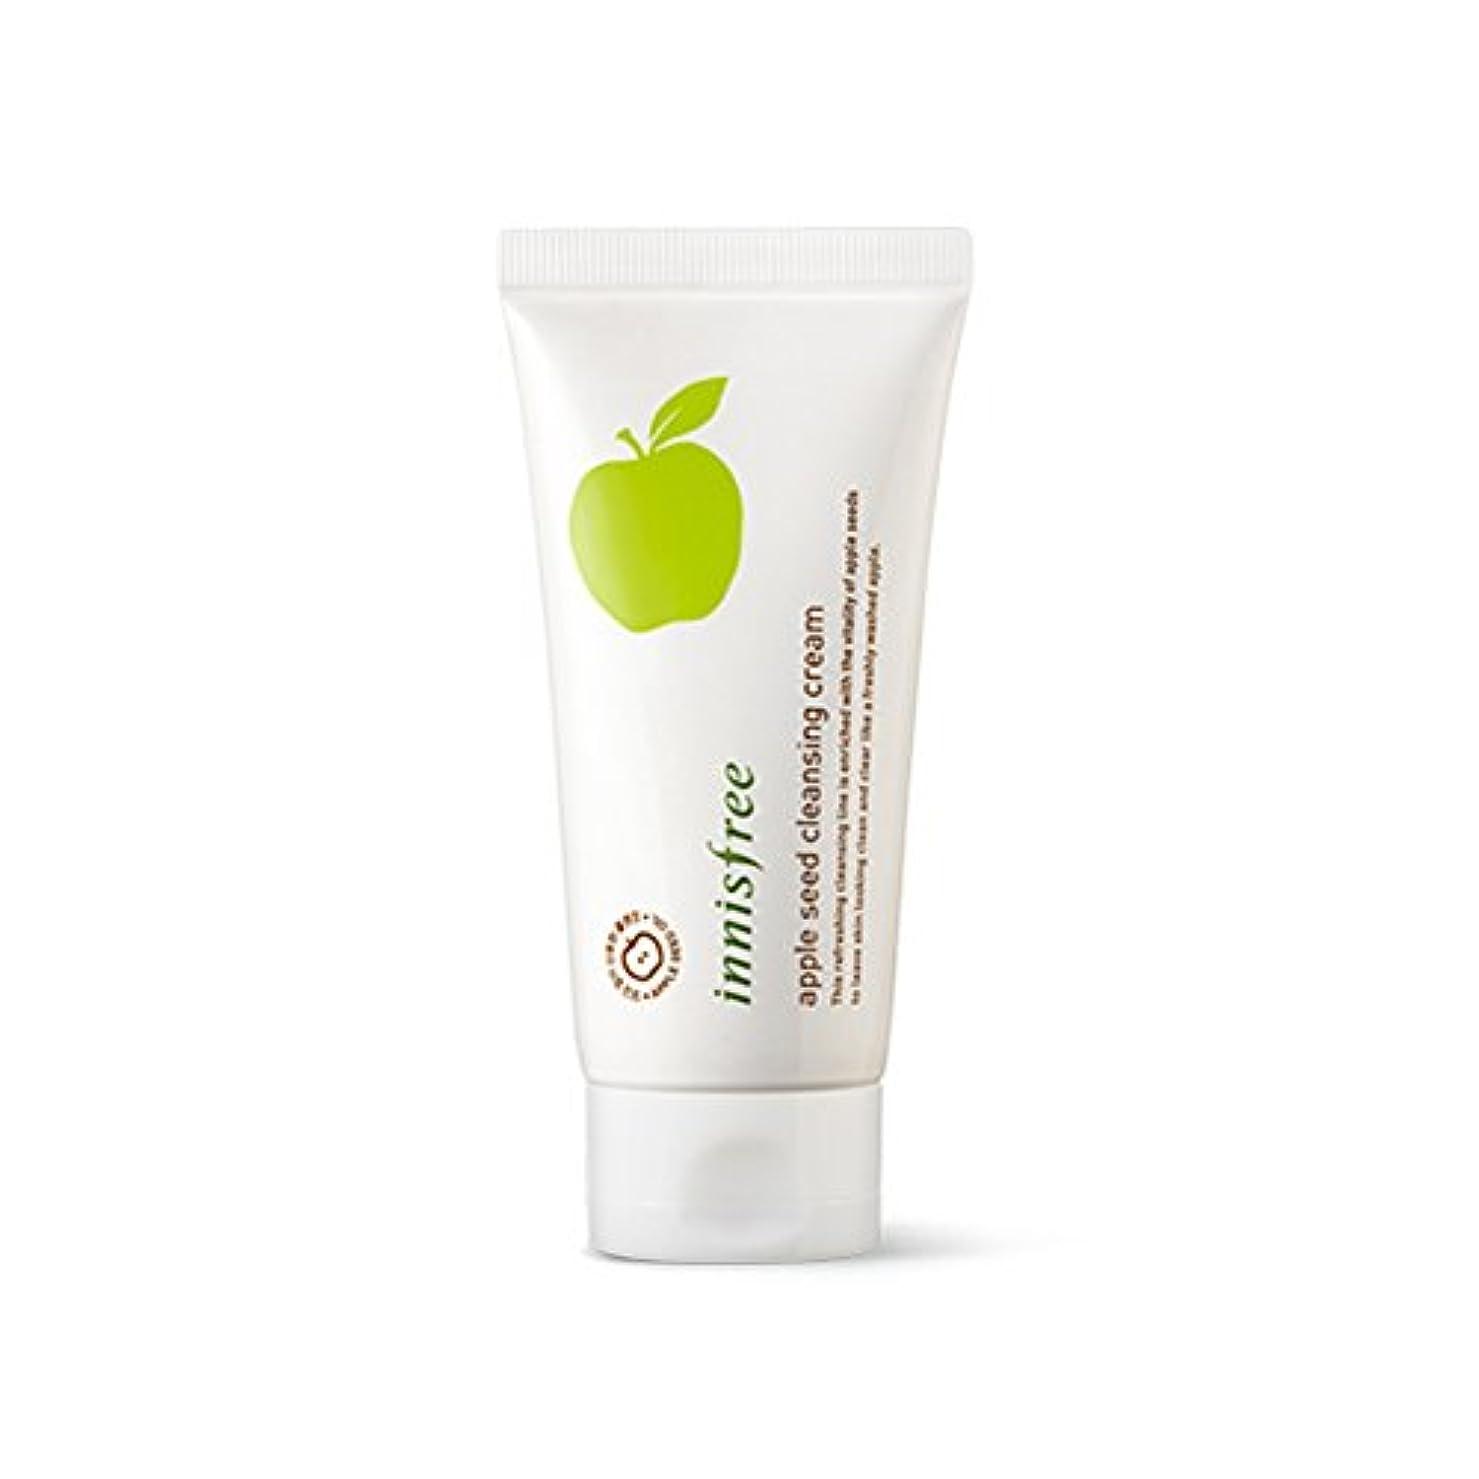 抽象移動する降臨イニスフリーアップルシードクレンジングクリーム150ml / Innisfree Apple Seed Cleansing Cream 150ml [海外直送品][並行輸入品]